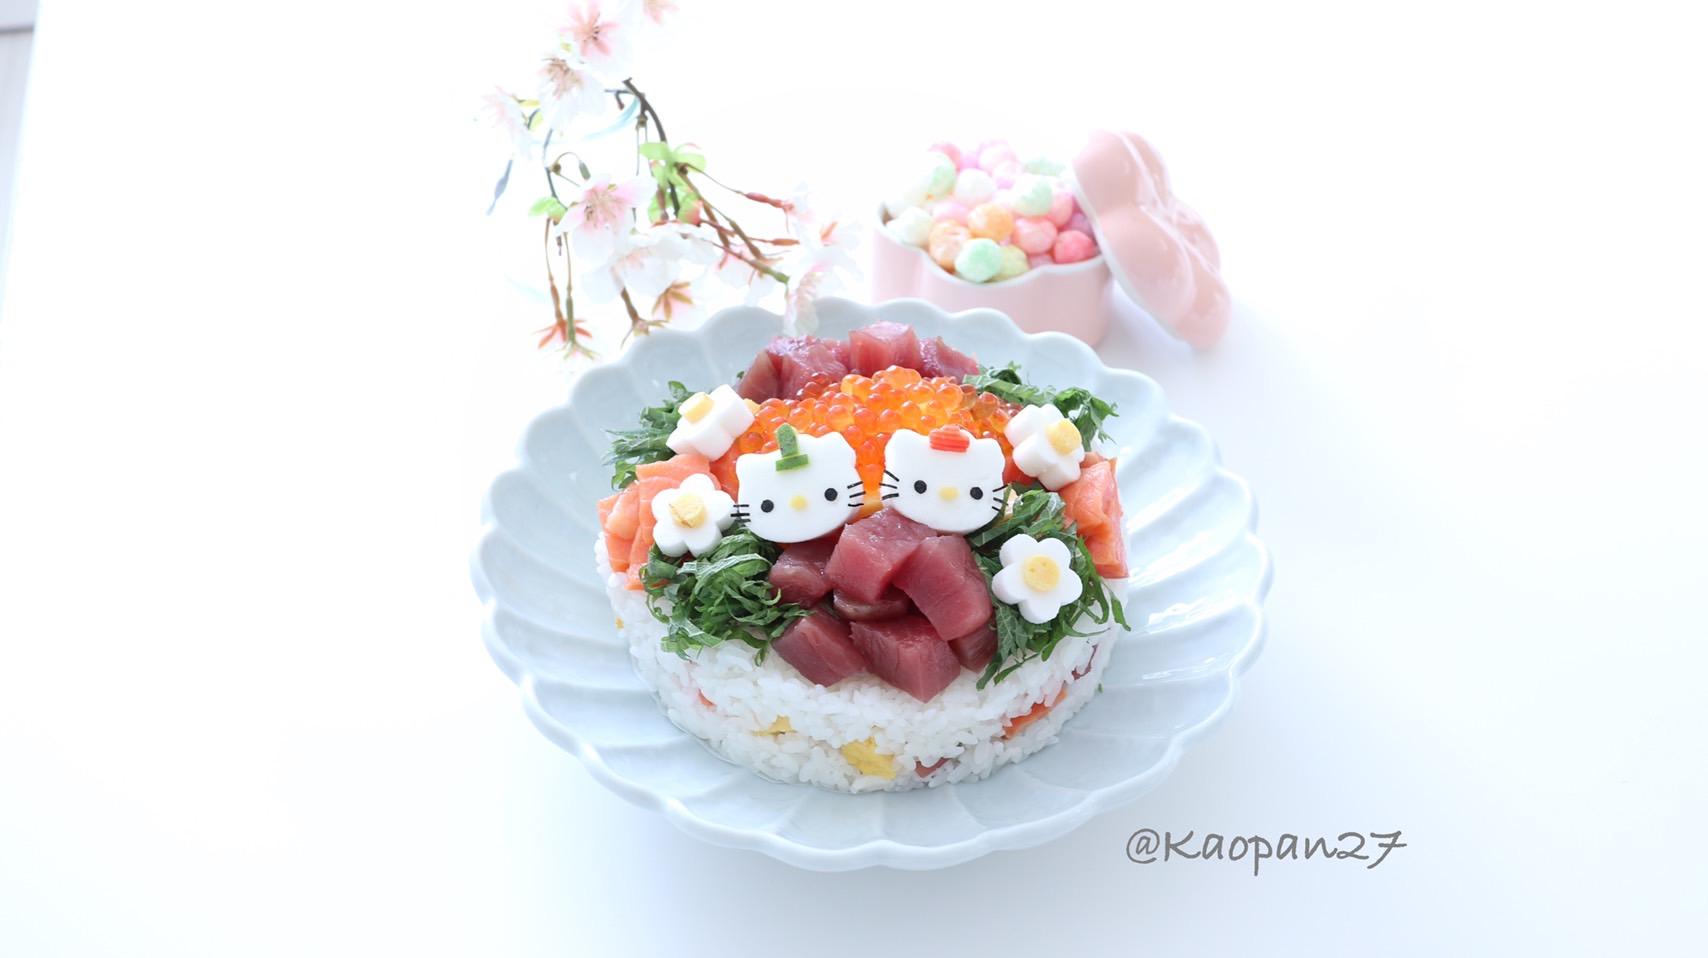 かおりのレシピ_Kaori's recipe_kaori食譜 7